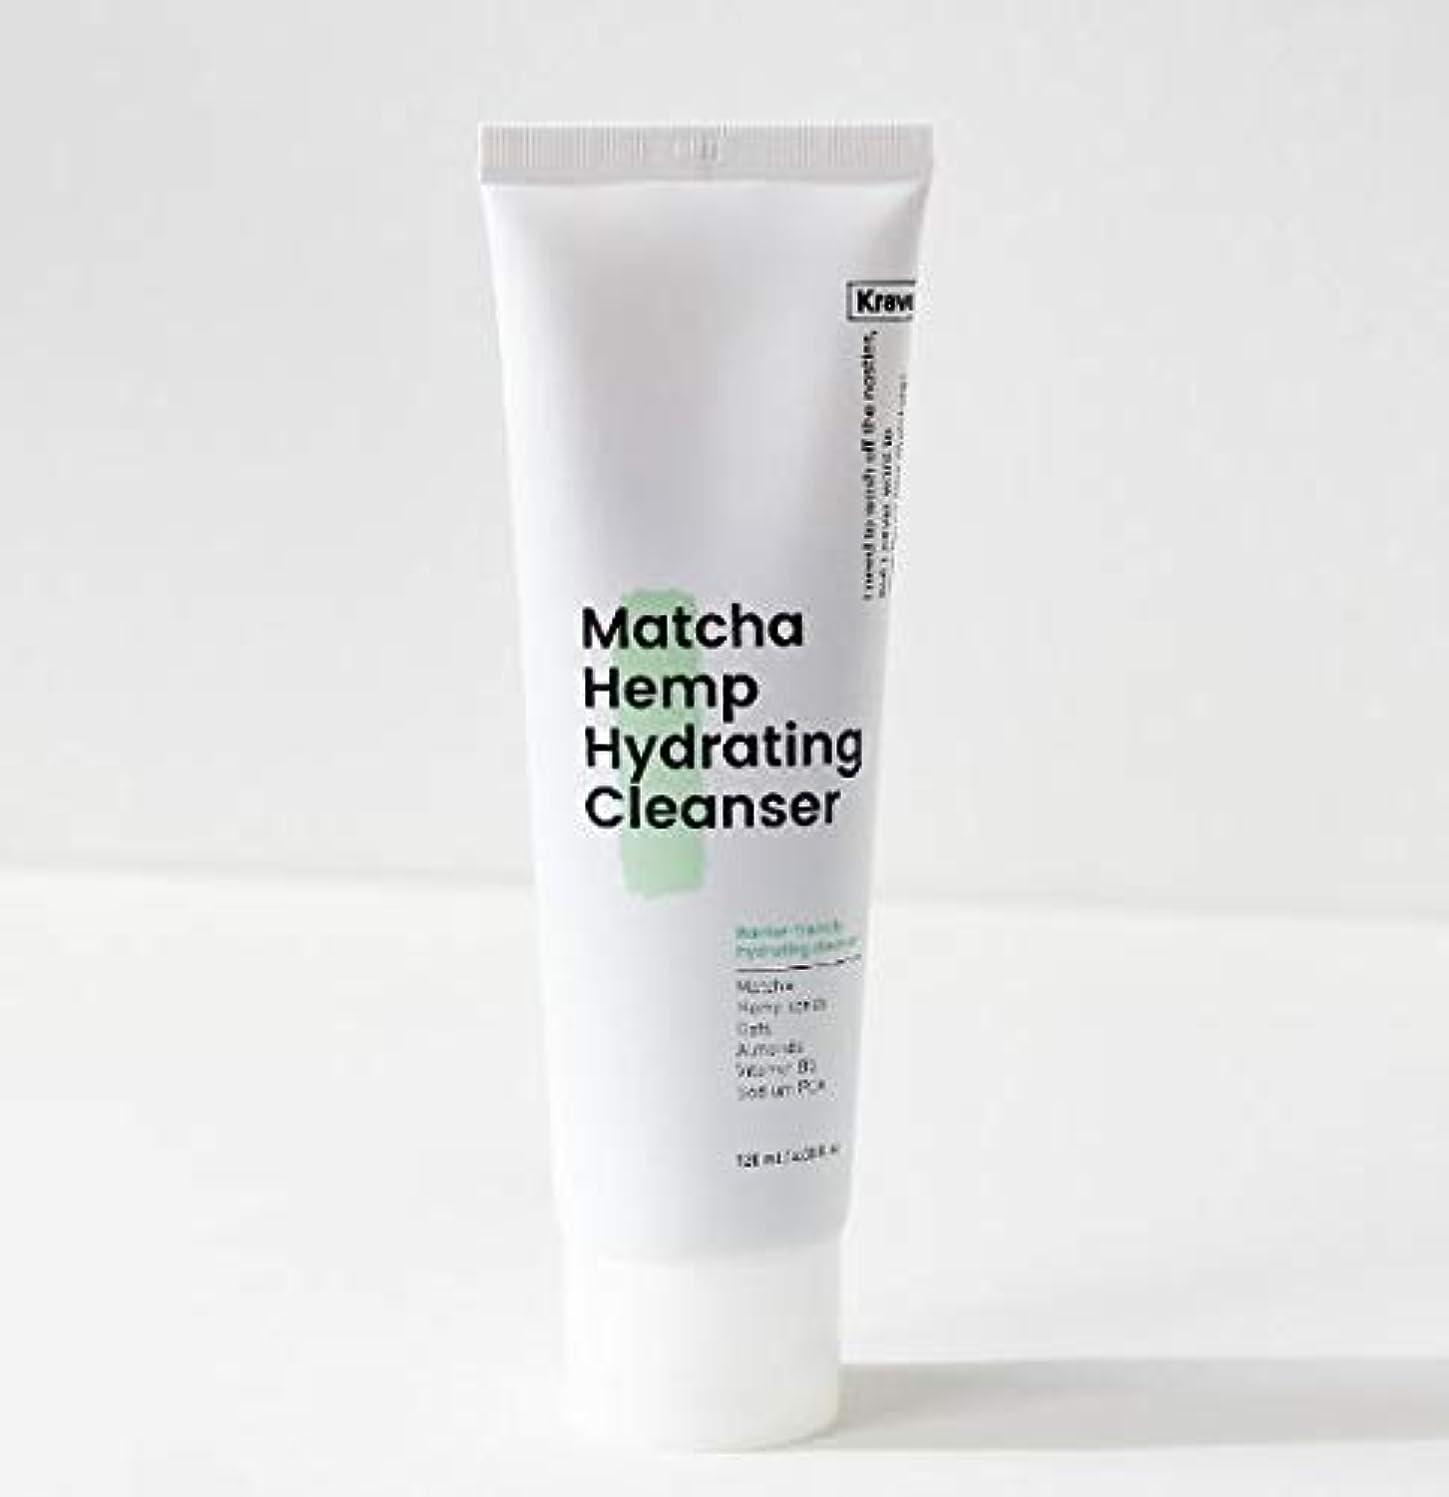 船元の焼く[Krave] Matcha Hemp Hydrating Cleanser 120ml / 抹茶ハイドレイティングクレンザー120ml [並行輸入品]